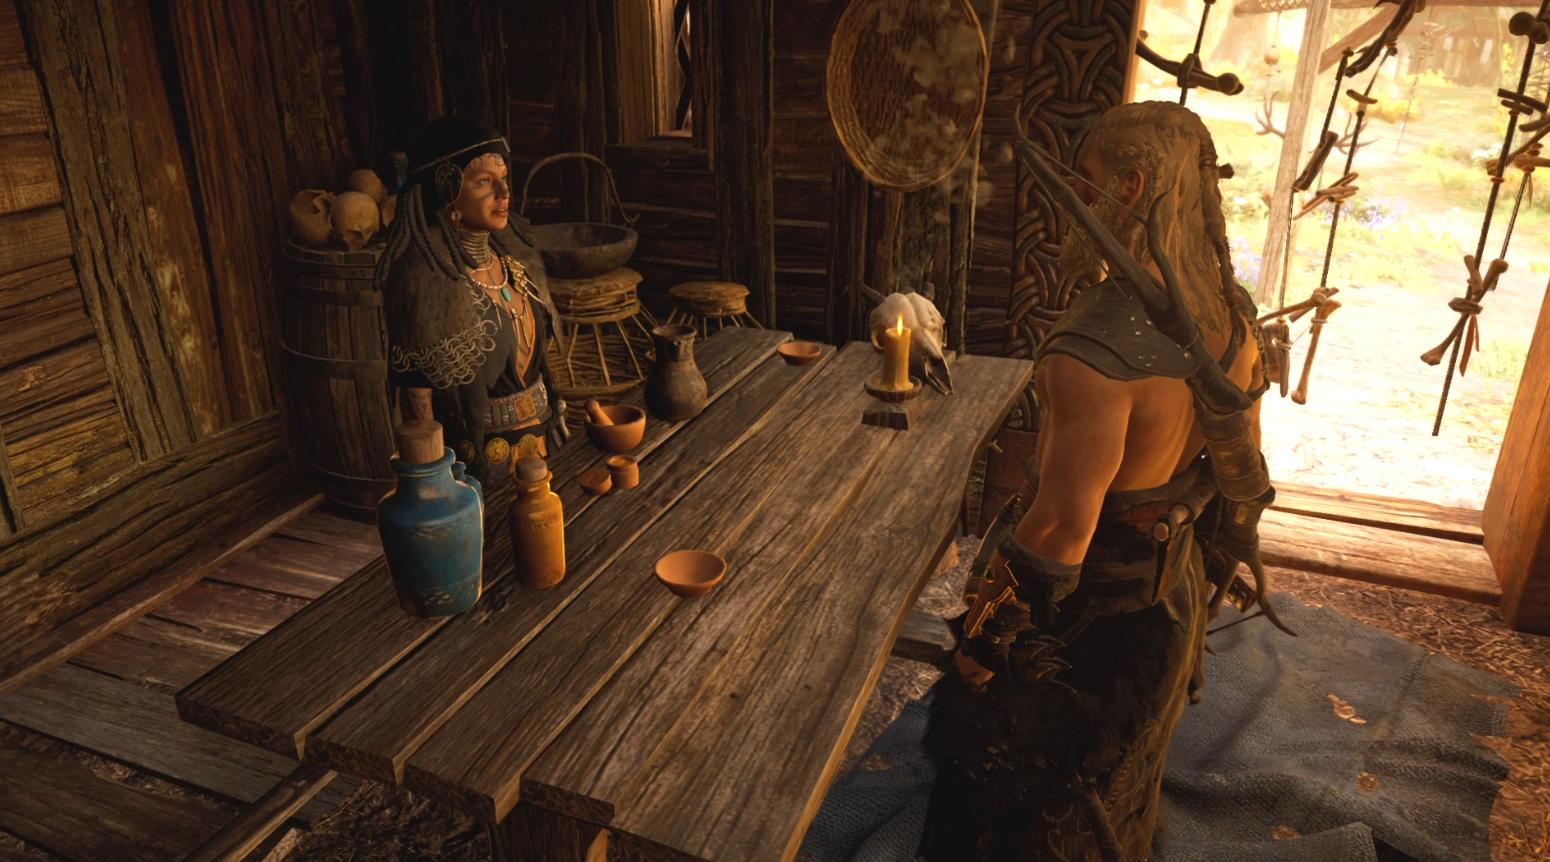 Où trouver le chardon pour la potion de Valka dans Assassin's Creed Valhalla